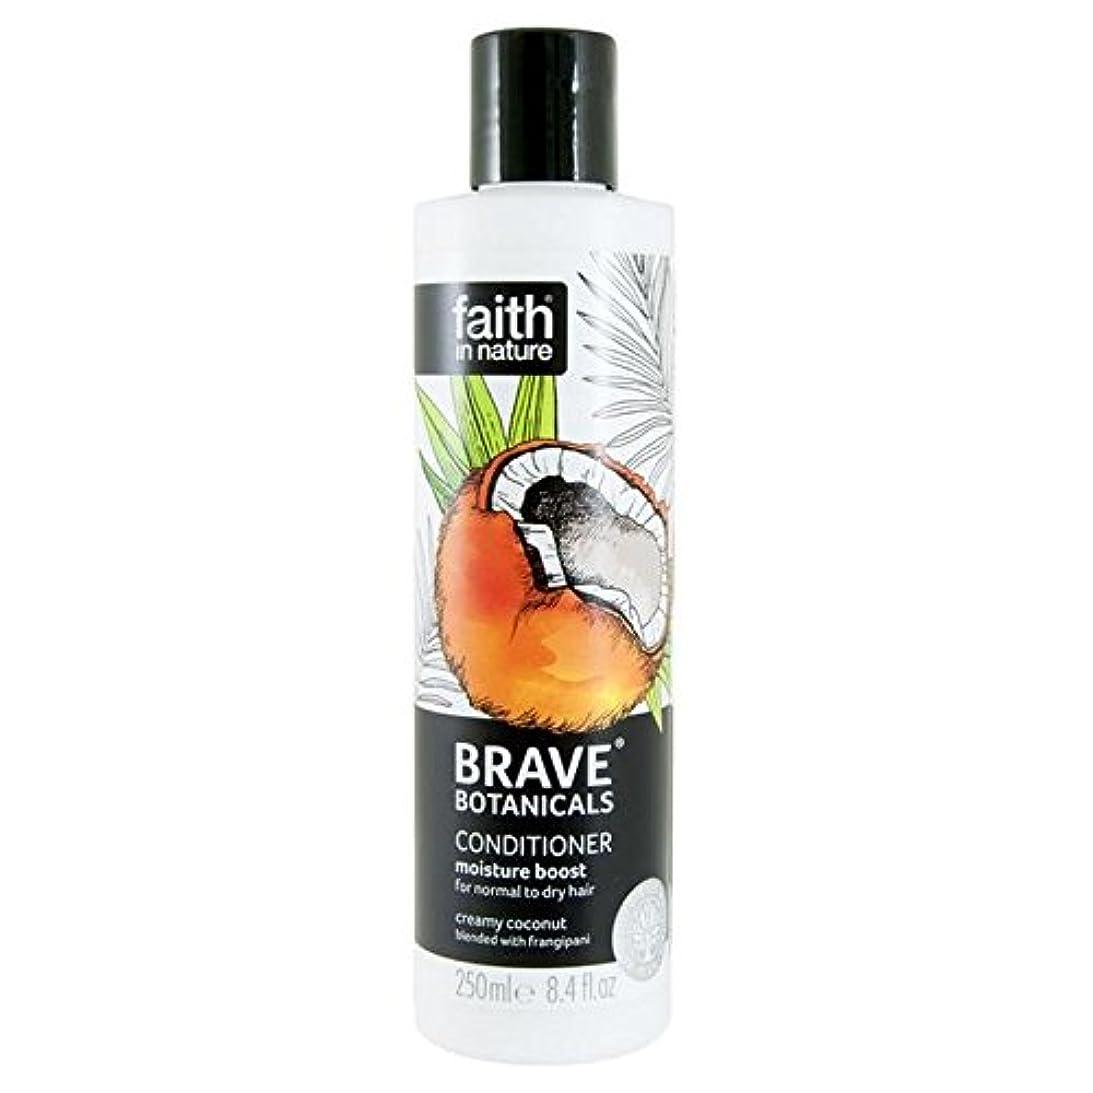 マガジン潜水艦目立つBrave Botanicals Coconut & Frangipani Moisture Boost Conditioner 250ml (Pack of 4) - (Faith In Nature) 勇敢な植物ココナッツ...